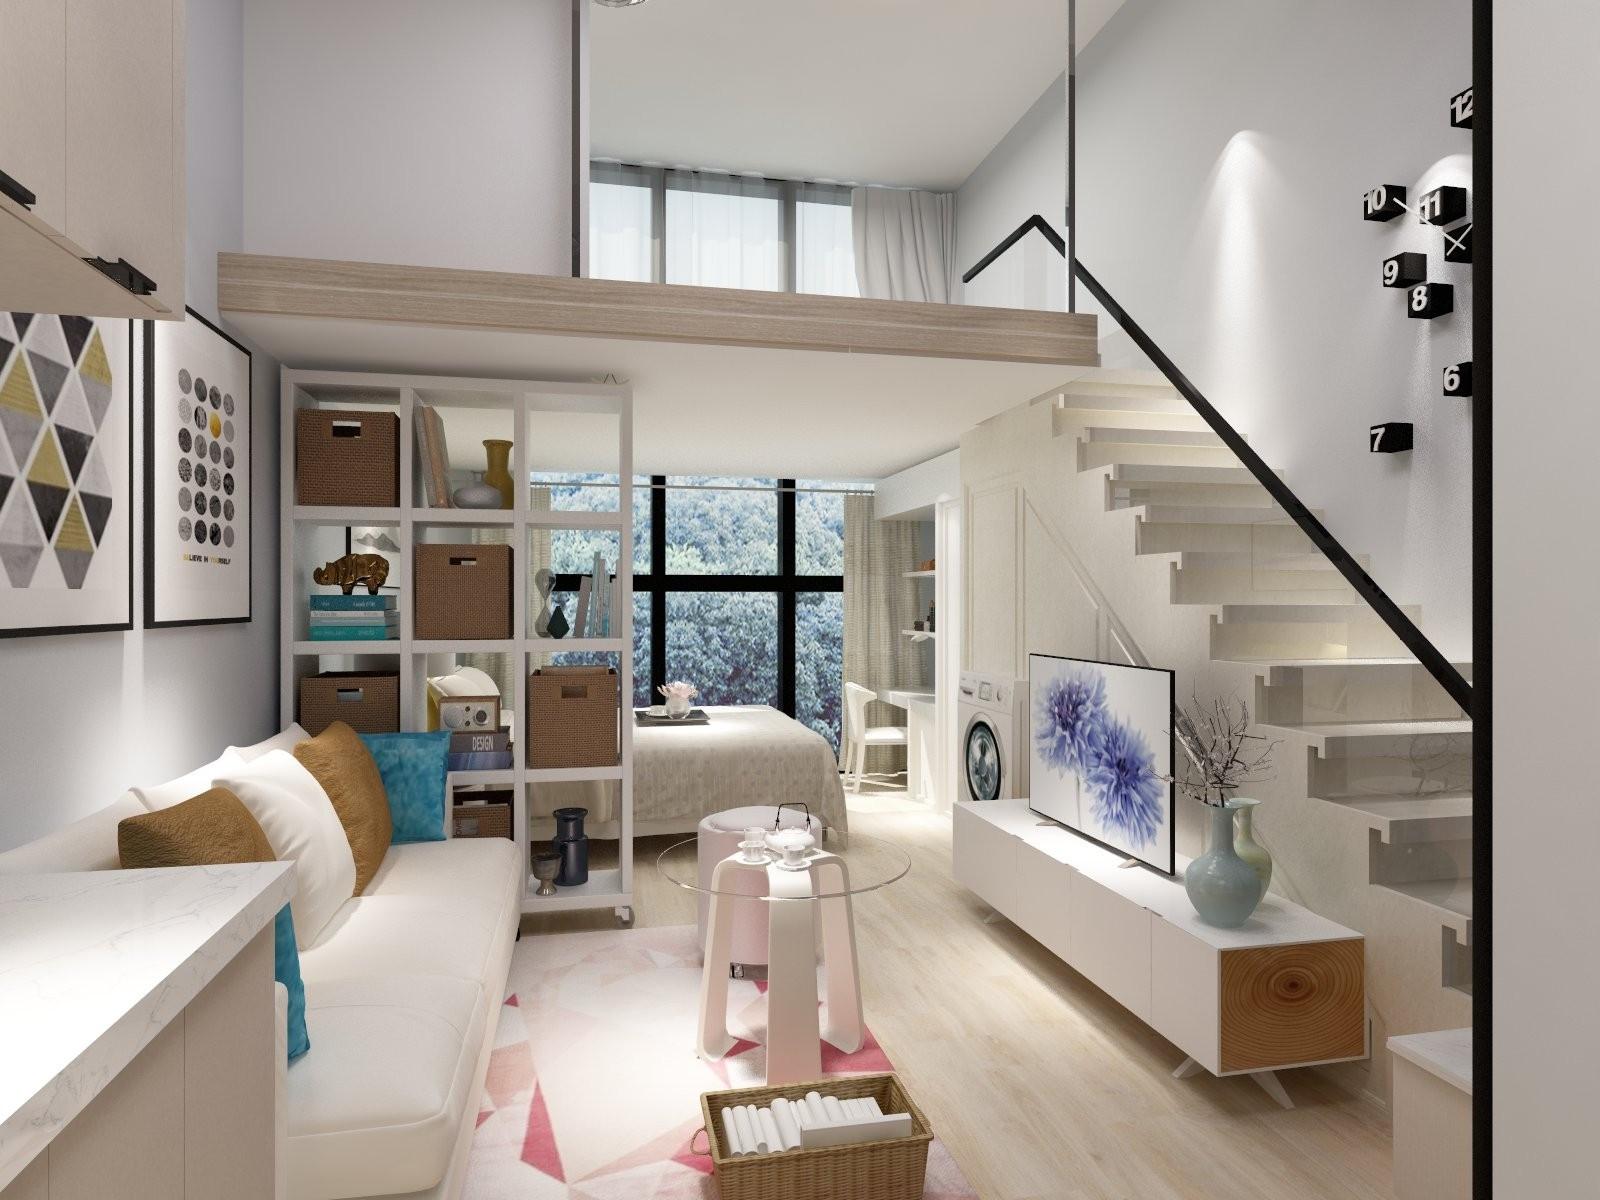 小户型的客厅比较小,则可设在电视背景墙上方,依照装修风格来确定楼梯